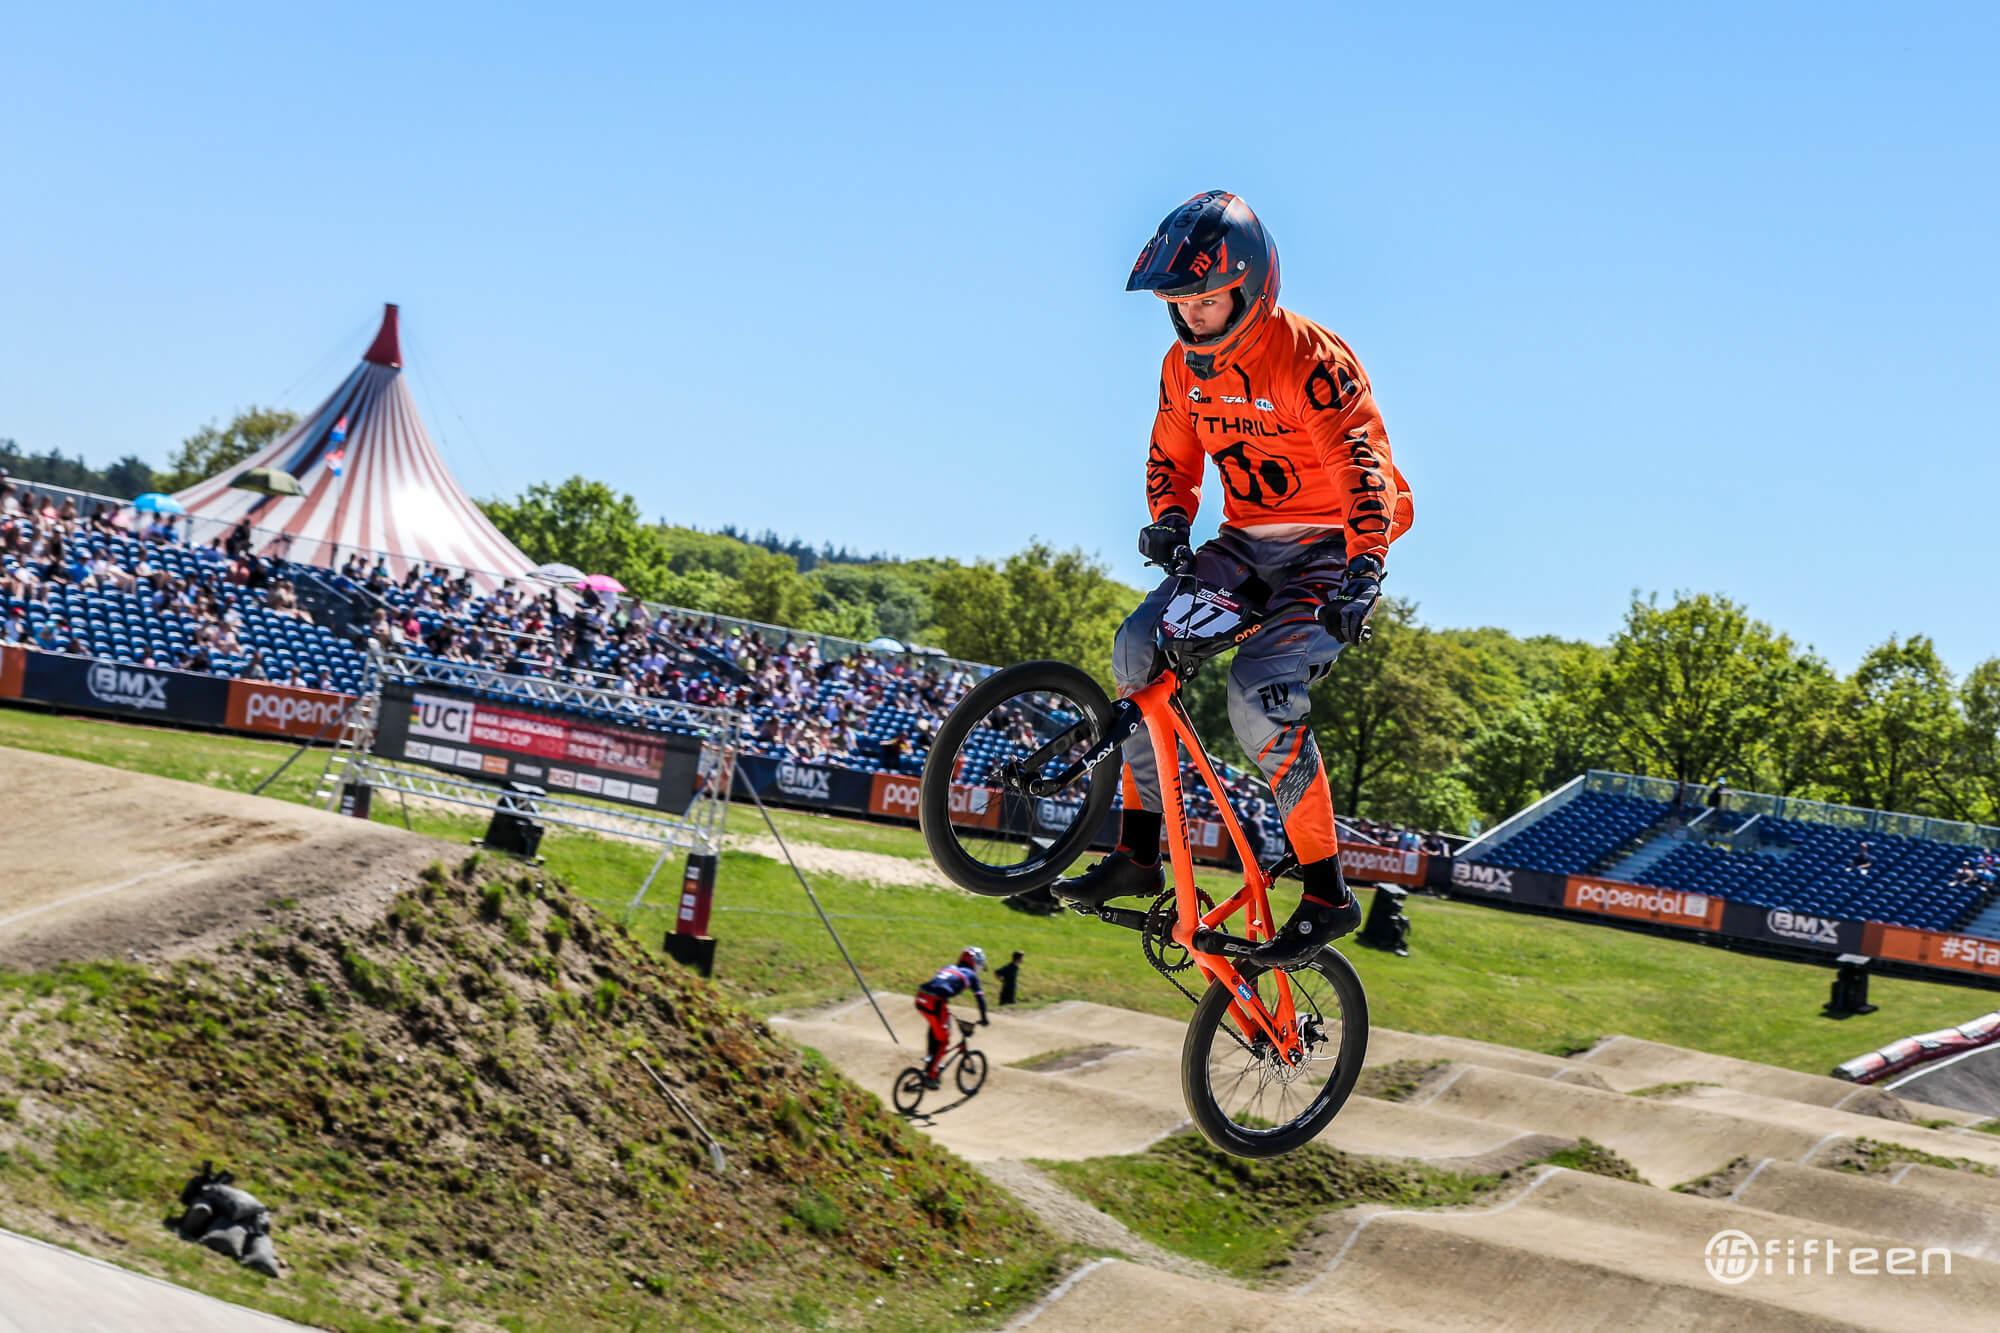 Trent Jones Papendal - Fifteen BMX